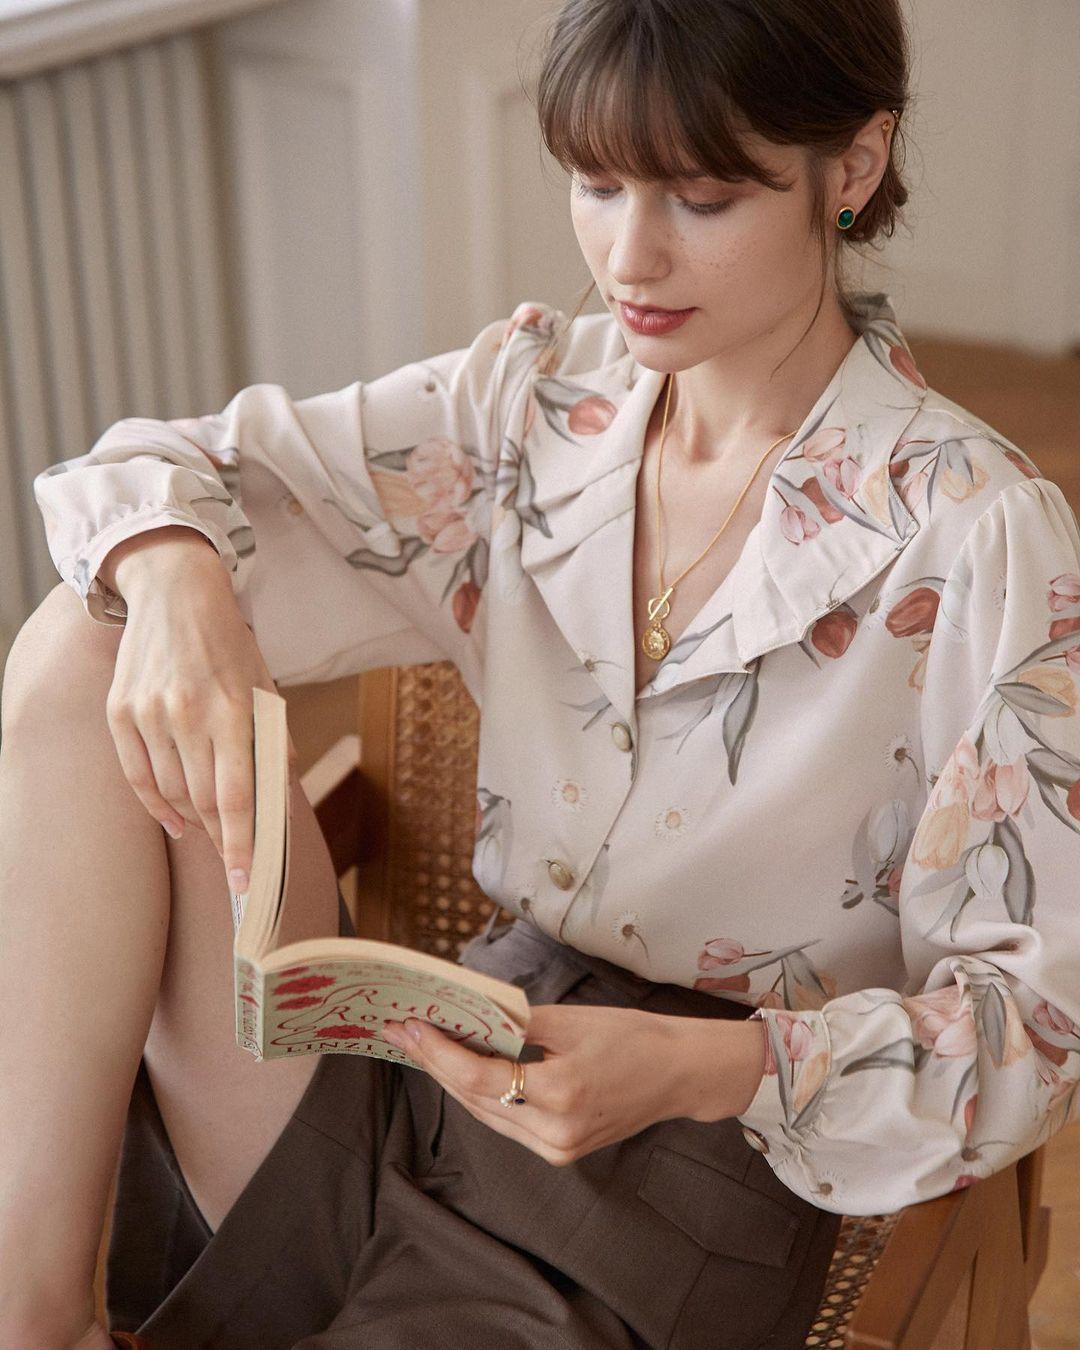 Điểm mặt 5 kiểu áo sơ mi của phụ nữ Pháp, chỉ cần diện đơn giản cũng đạt 100 điểm tinh tế! - Ảnh 5.